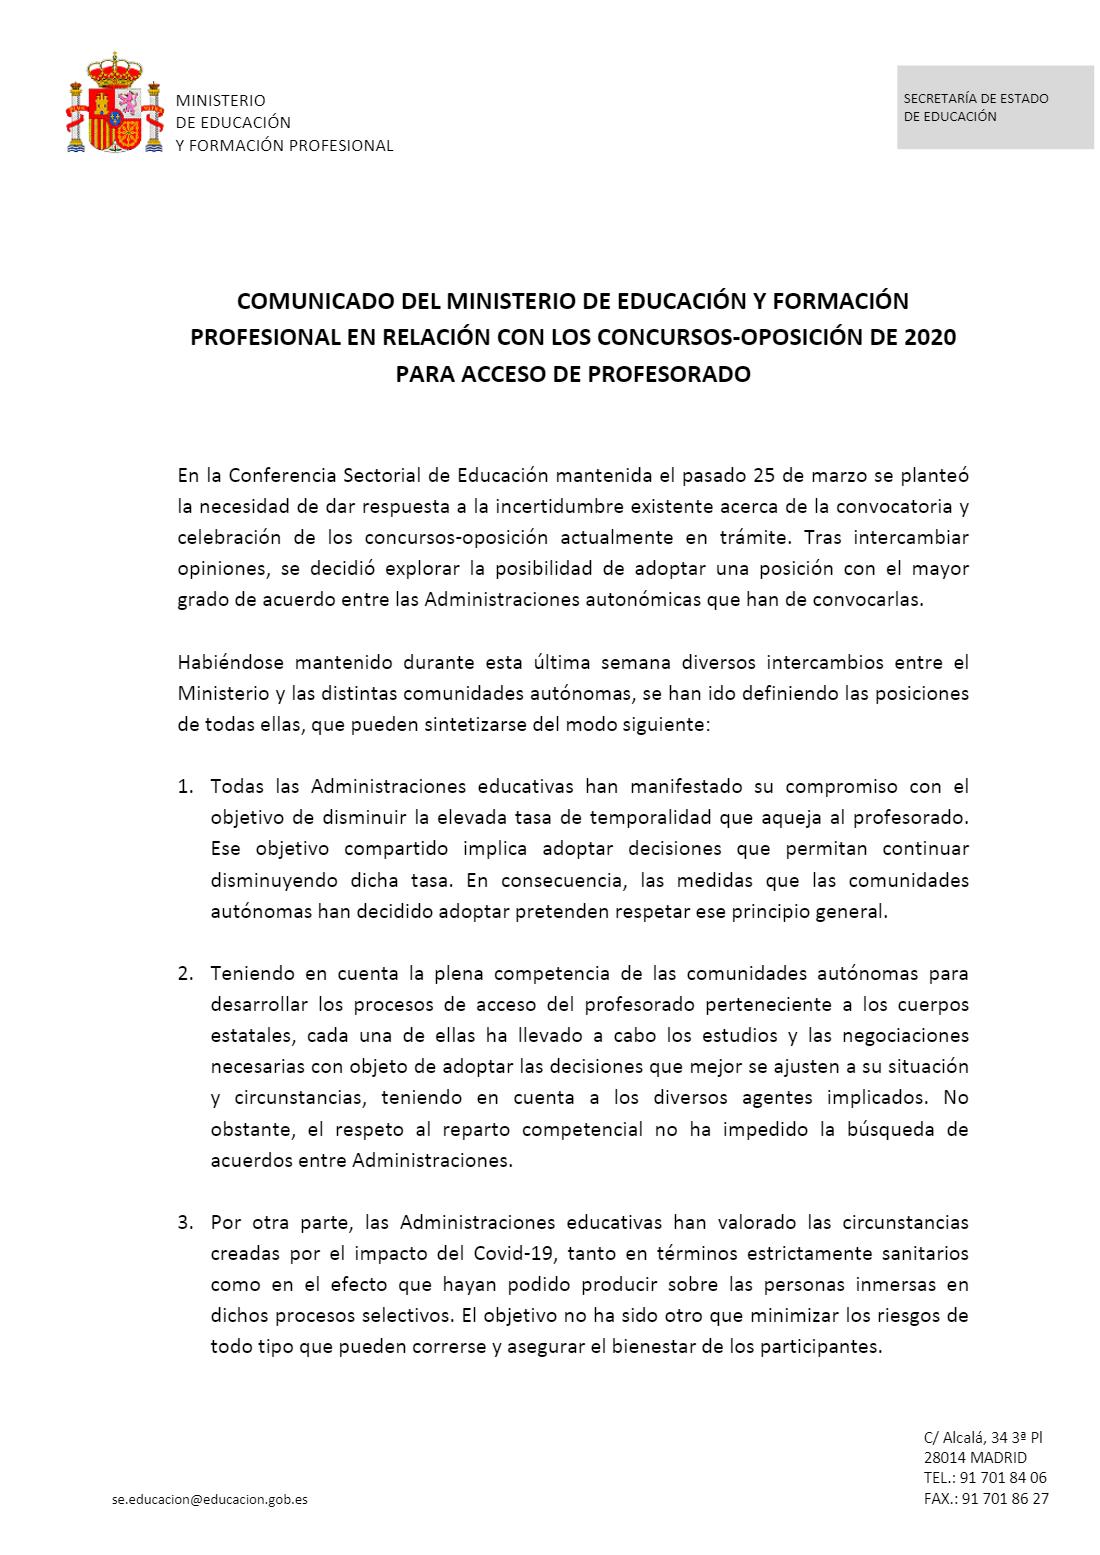 Ya es oficial: las Oposiciones de Enseñanzas Medias en Castilla-La Mancha se posponen al año 2021